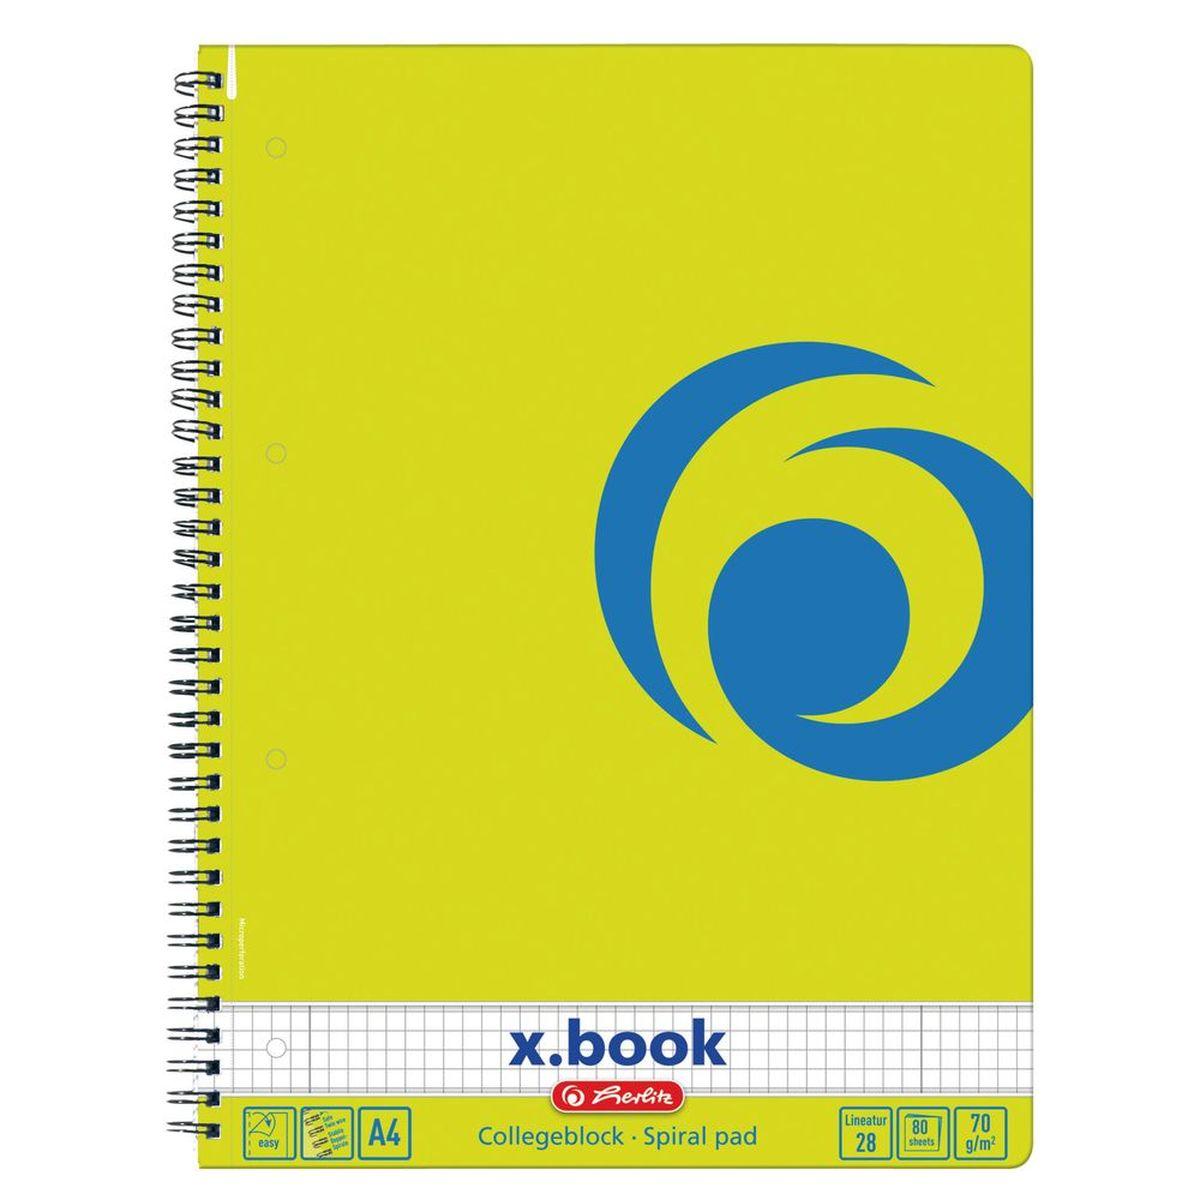 Herlitz Блокнот x.book Лимон 80 листов в клеткуEHD-NB01Блокнот Herlitz серии x.book - ваш идеальный партнер для дома и отдыха. Благодаря разнообразию форм в четырех форматах от А4 до А7, x.book пригодится в любой ситуации и поднимет настроение благодаря веселым расцветкам, например, солнечный желтый, яркий красный, сочный зеленый и сияющий синий.Блокнот содержит 80 листов формата А4 в клетку с полями. Обложка выполнена из качественного ламинированного картона. Внутренний спиральный блок изготовлен из металла и гарантирует надежное крепление листов.Блокнот для записей от Herlitzстанет достойным аксессуаром среди ваших канцелярских принадлежностей. Это отличный подарок как коллеге или деловому партнеру, так и близким людям.